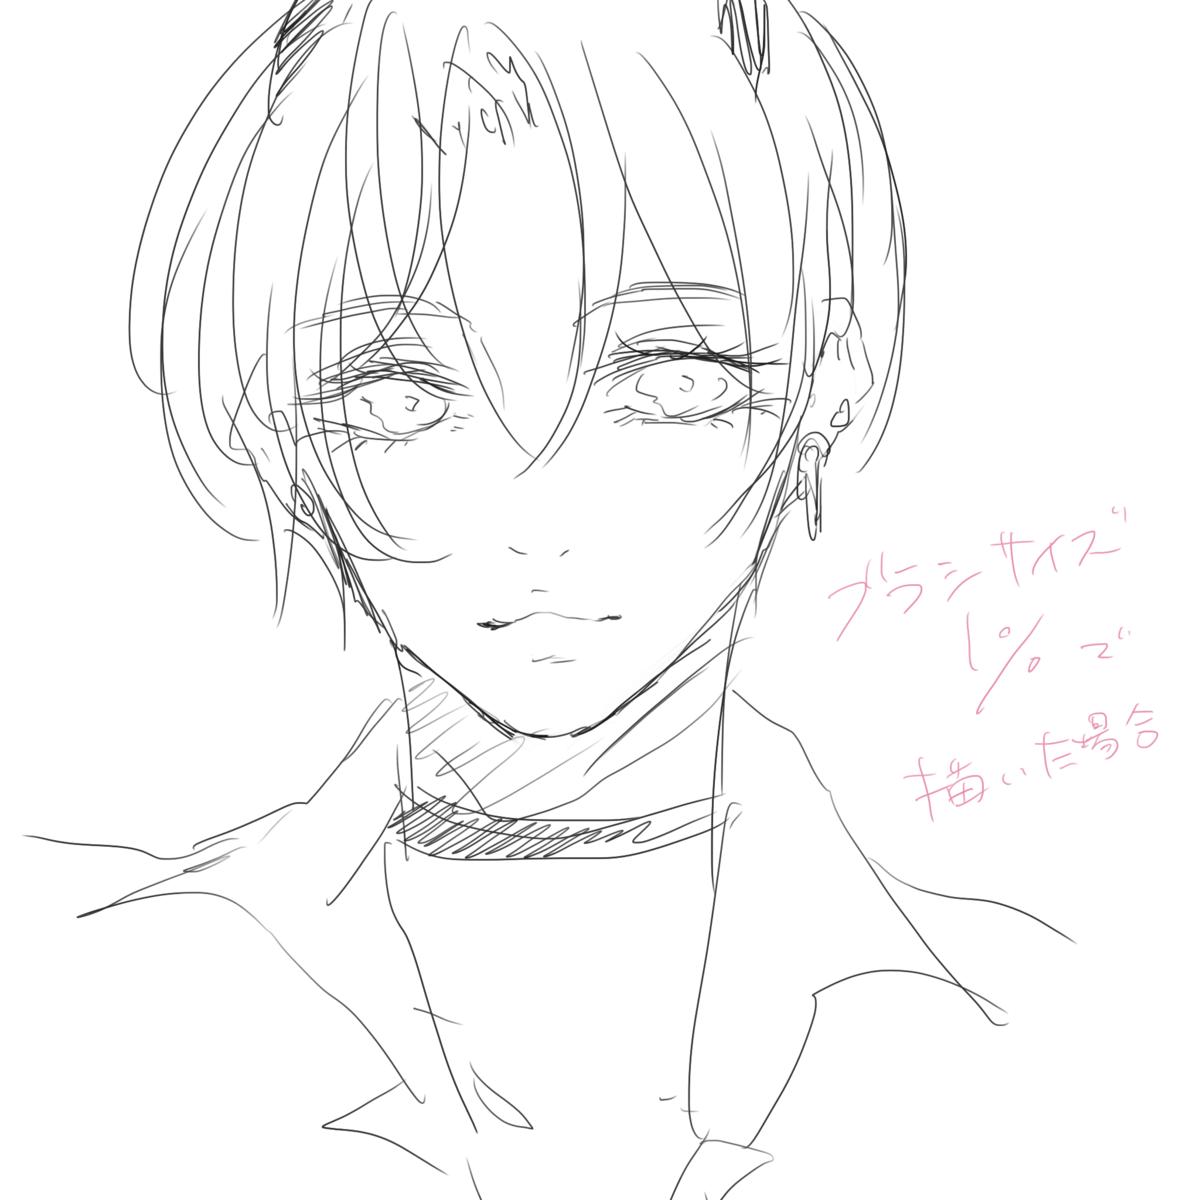 f:id:harucu_te:20210329161449p:plain